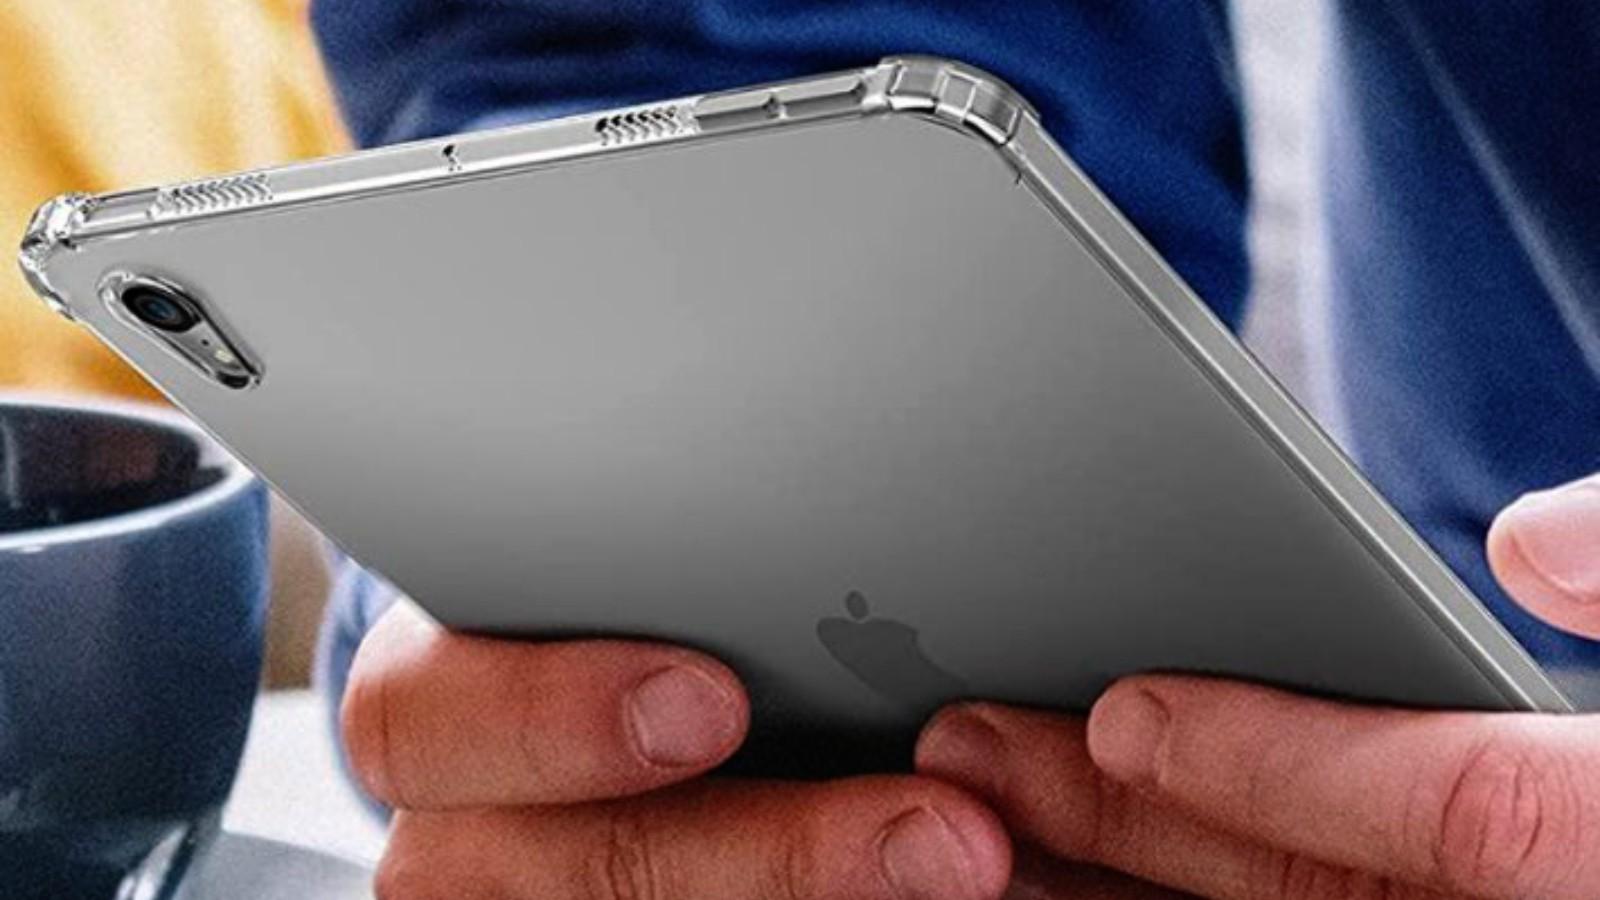 疑似苹果 iPad mini 6 保护壳曝光,音量键在顶部